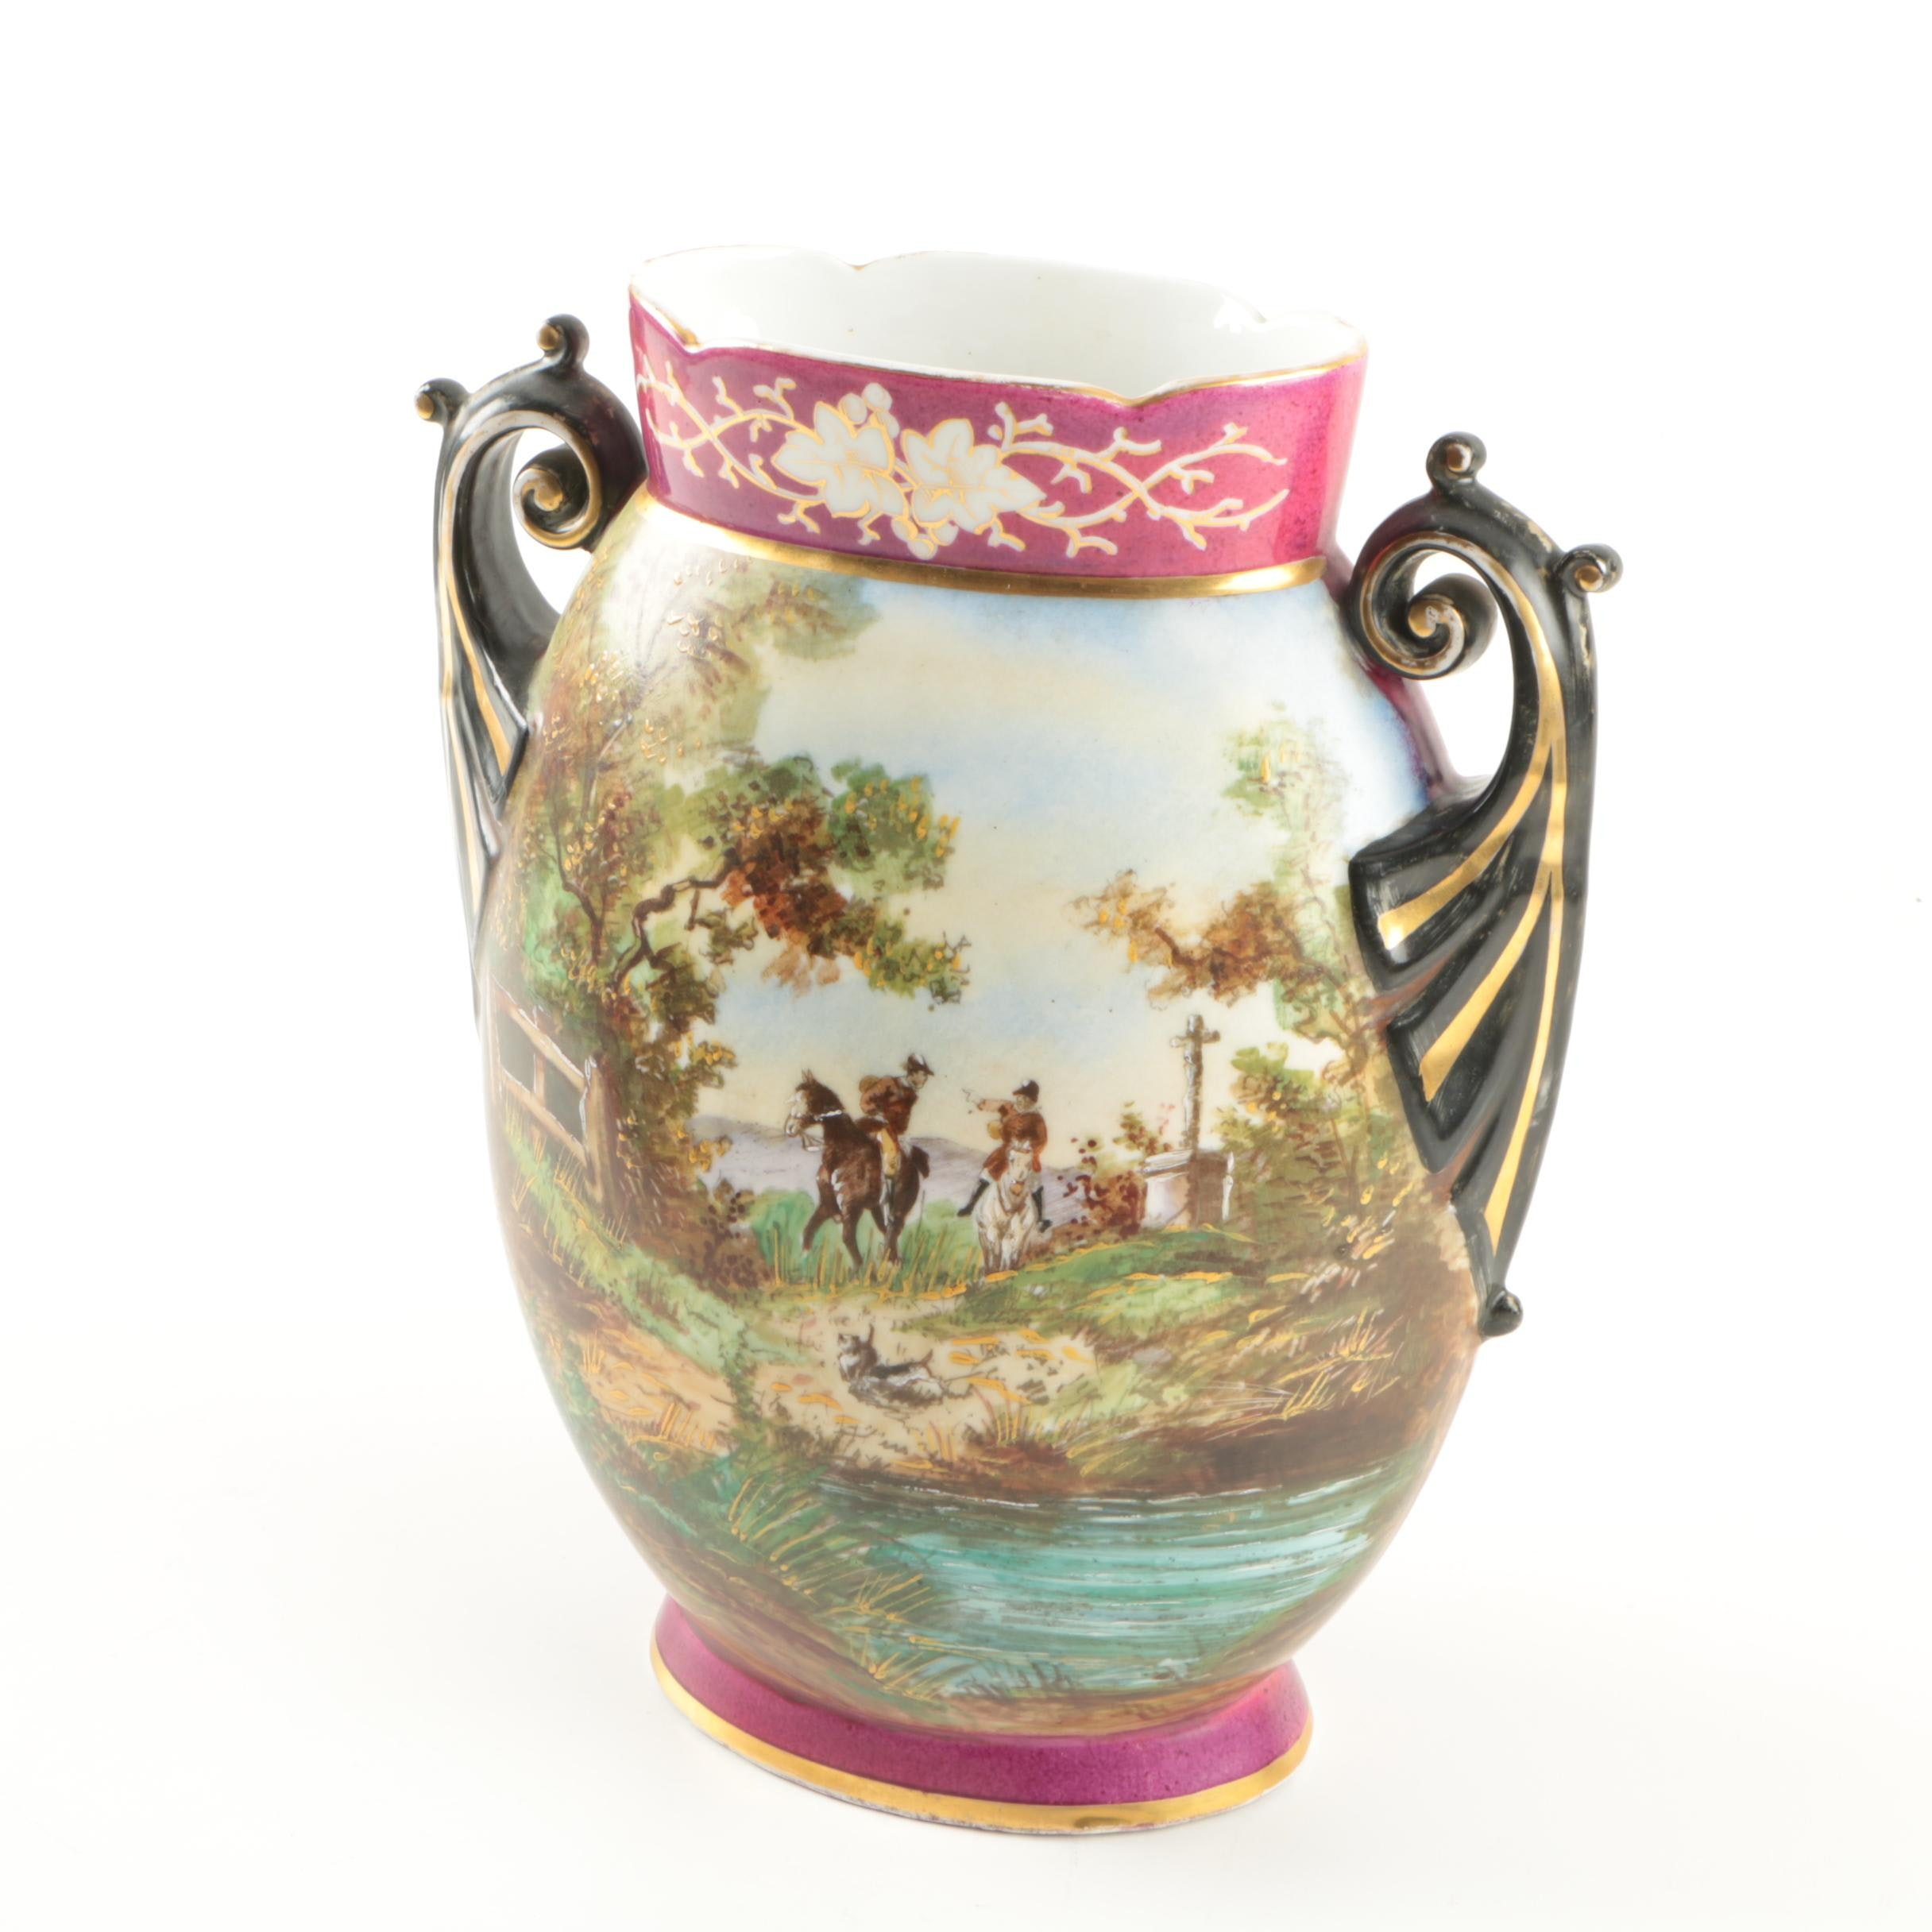 Antique Hand-Painted Porcelain Vase